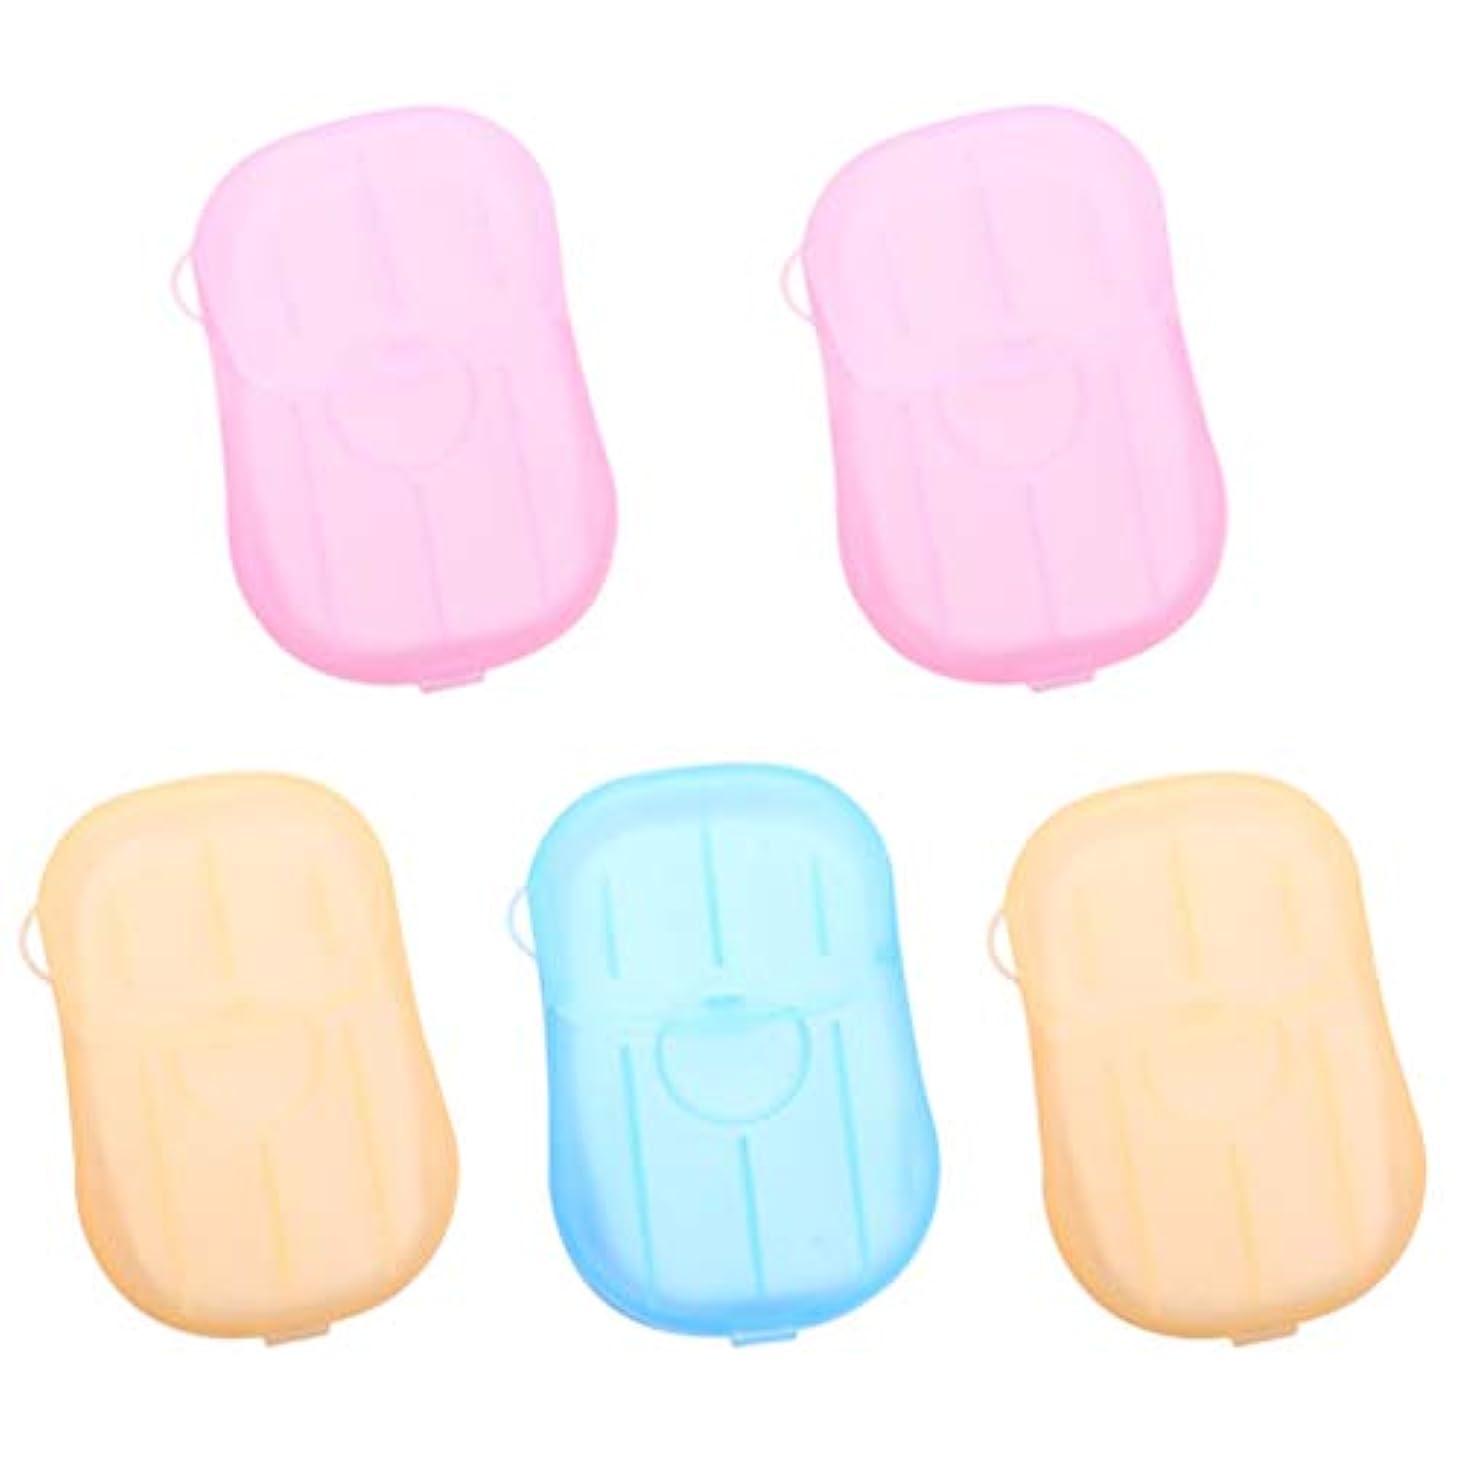 間隔友情解釈HEALLILY 使い捨て石鹸シート10枚の石鹸紙フレークハンドソープトラベルソープシートを洗う旅行用ホームバスルームアクセサリー(2 *青+ 4 *ピンク+ 4 *黄色)